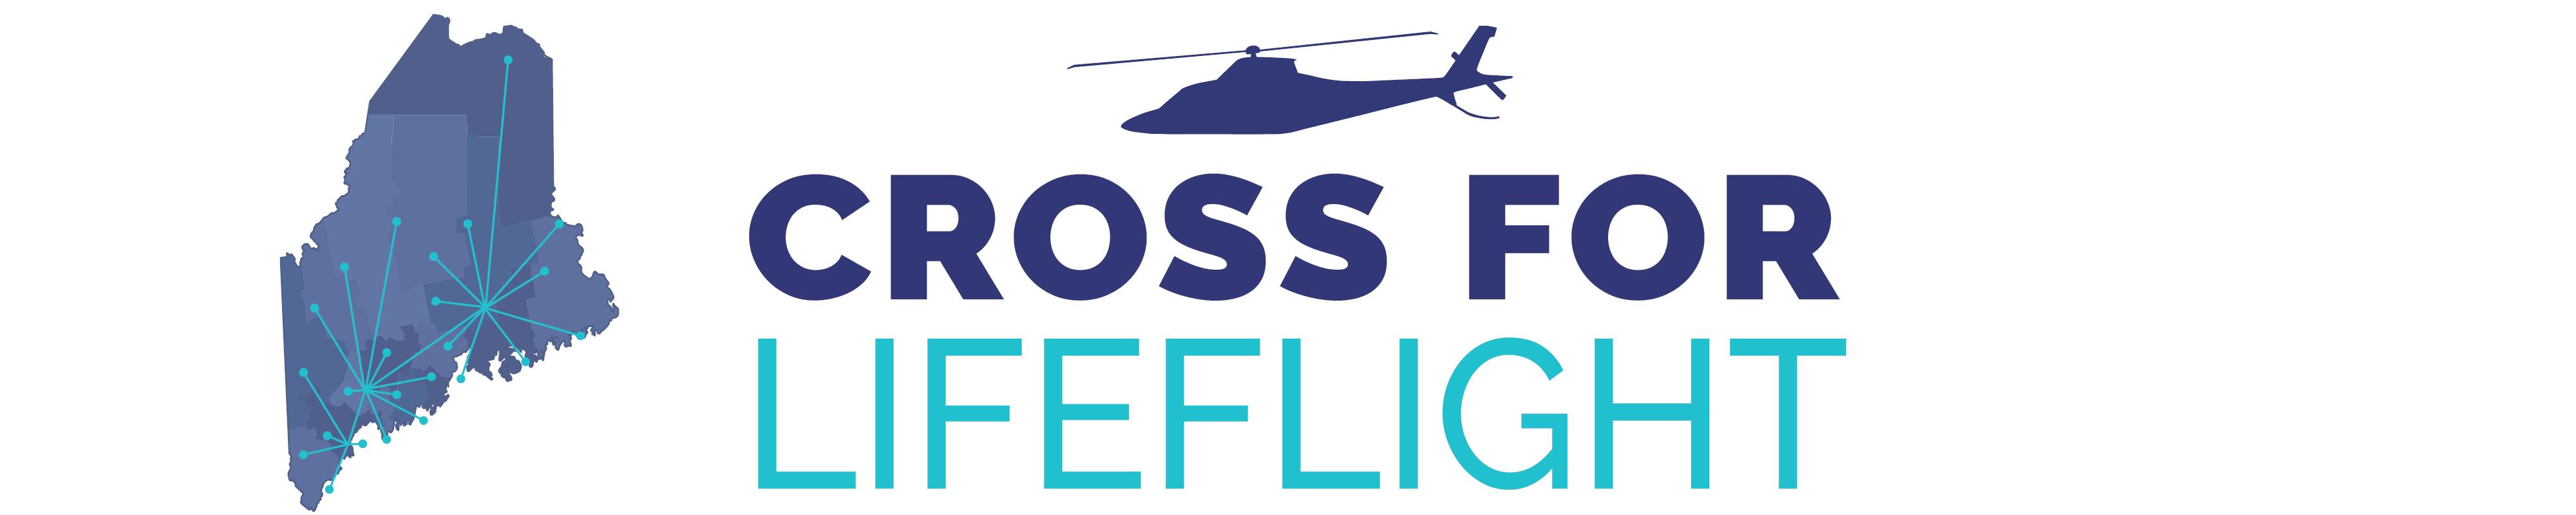 Cross for Lifeflight Logo